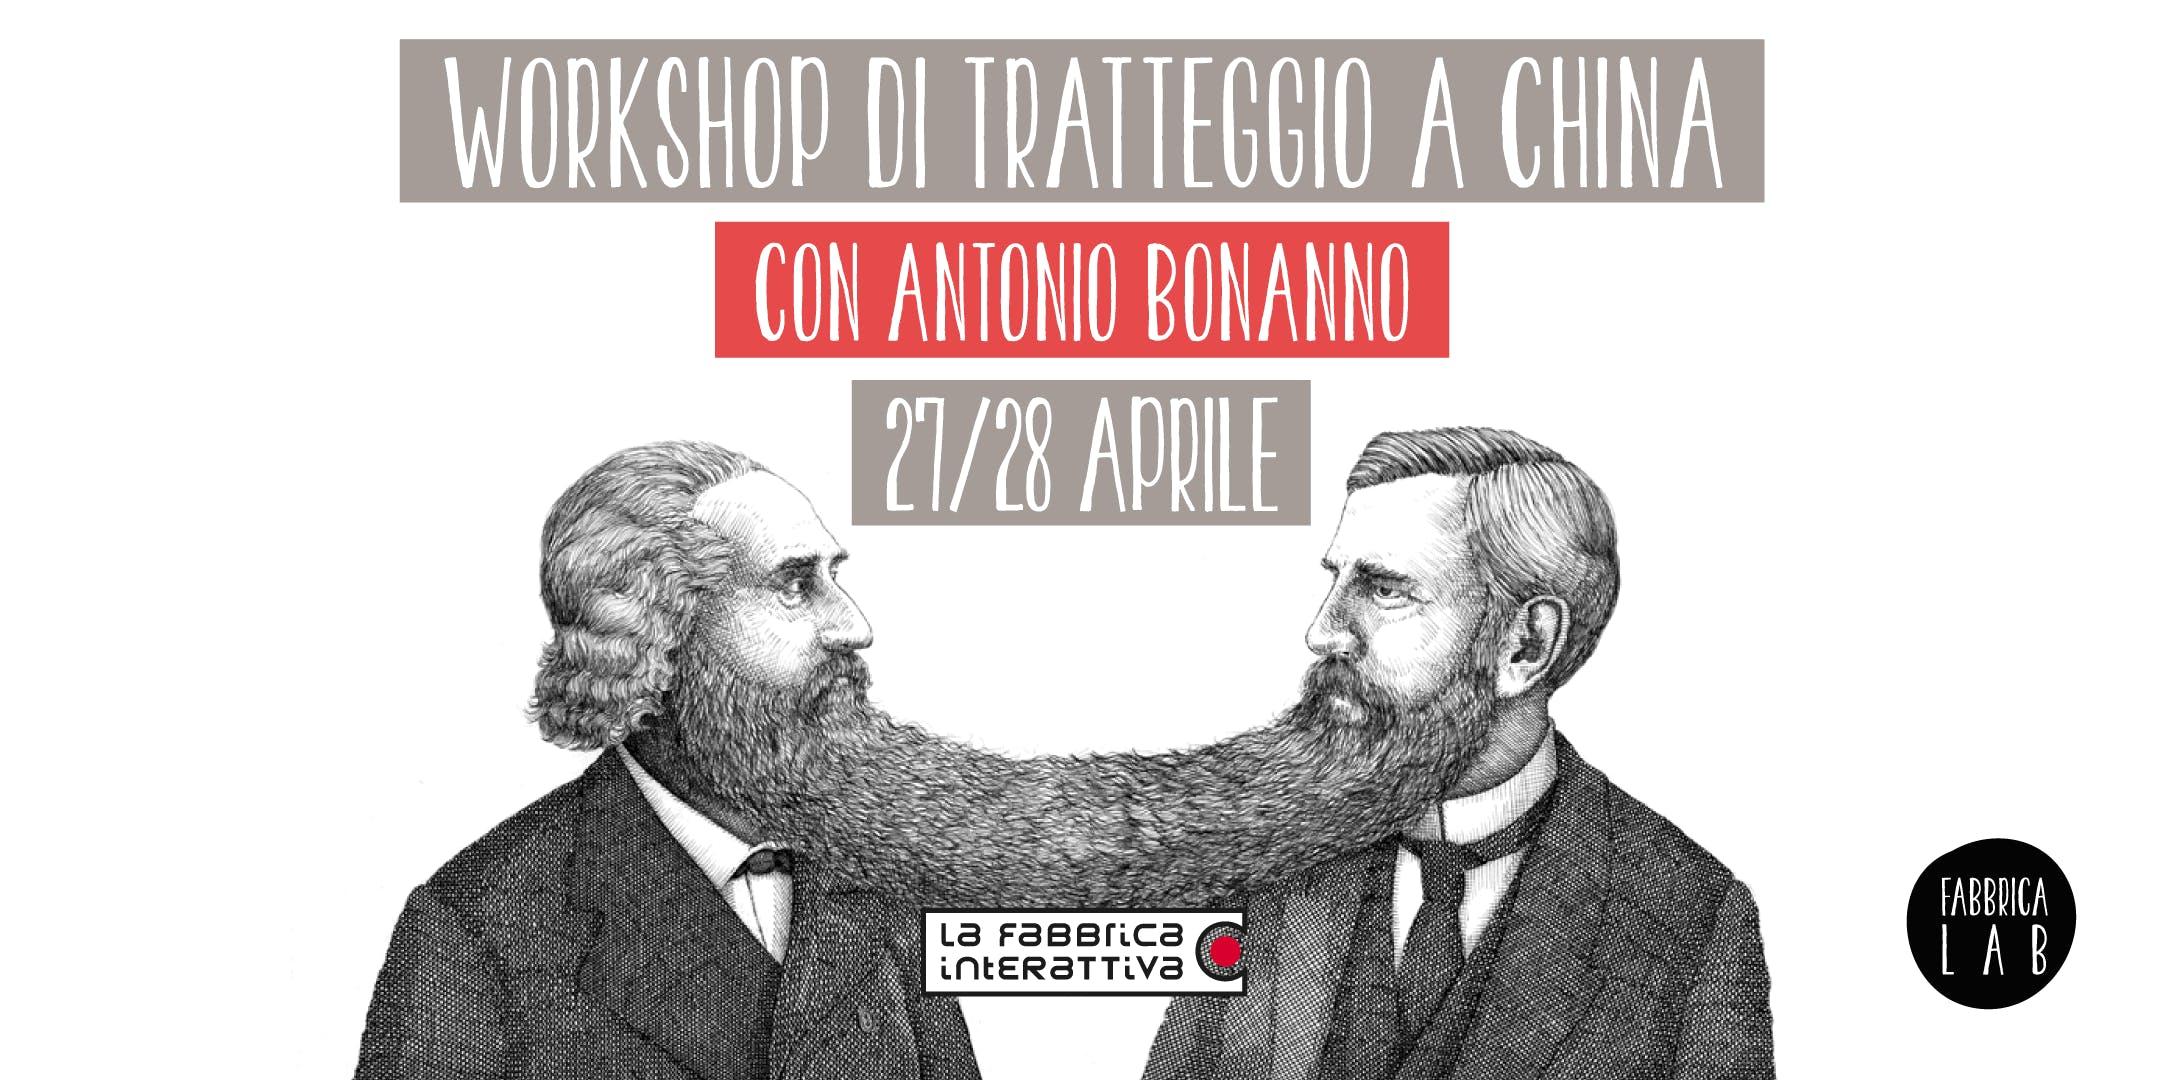 Workshop di tratteggio a china con Antonio Bonanno